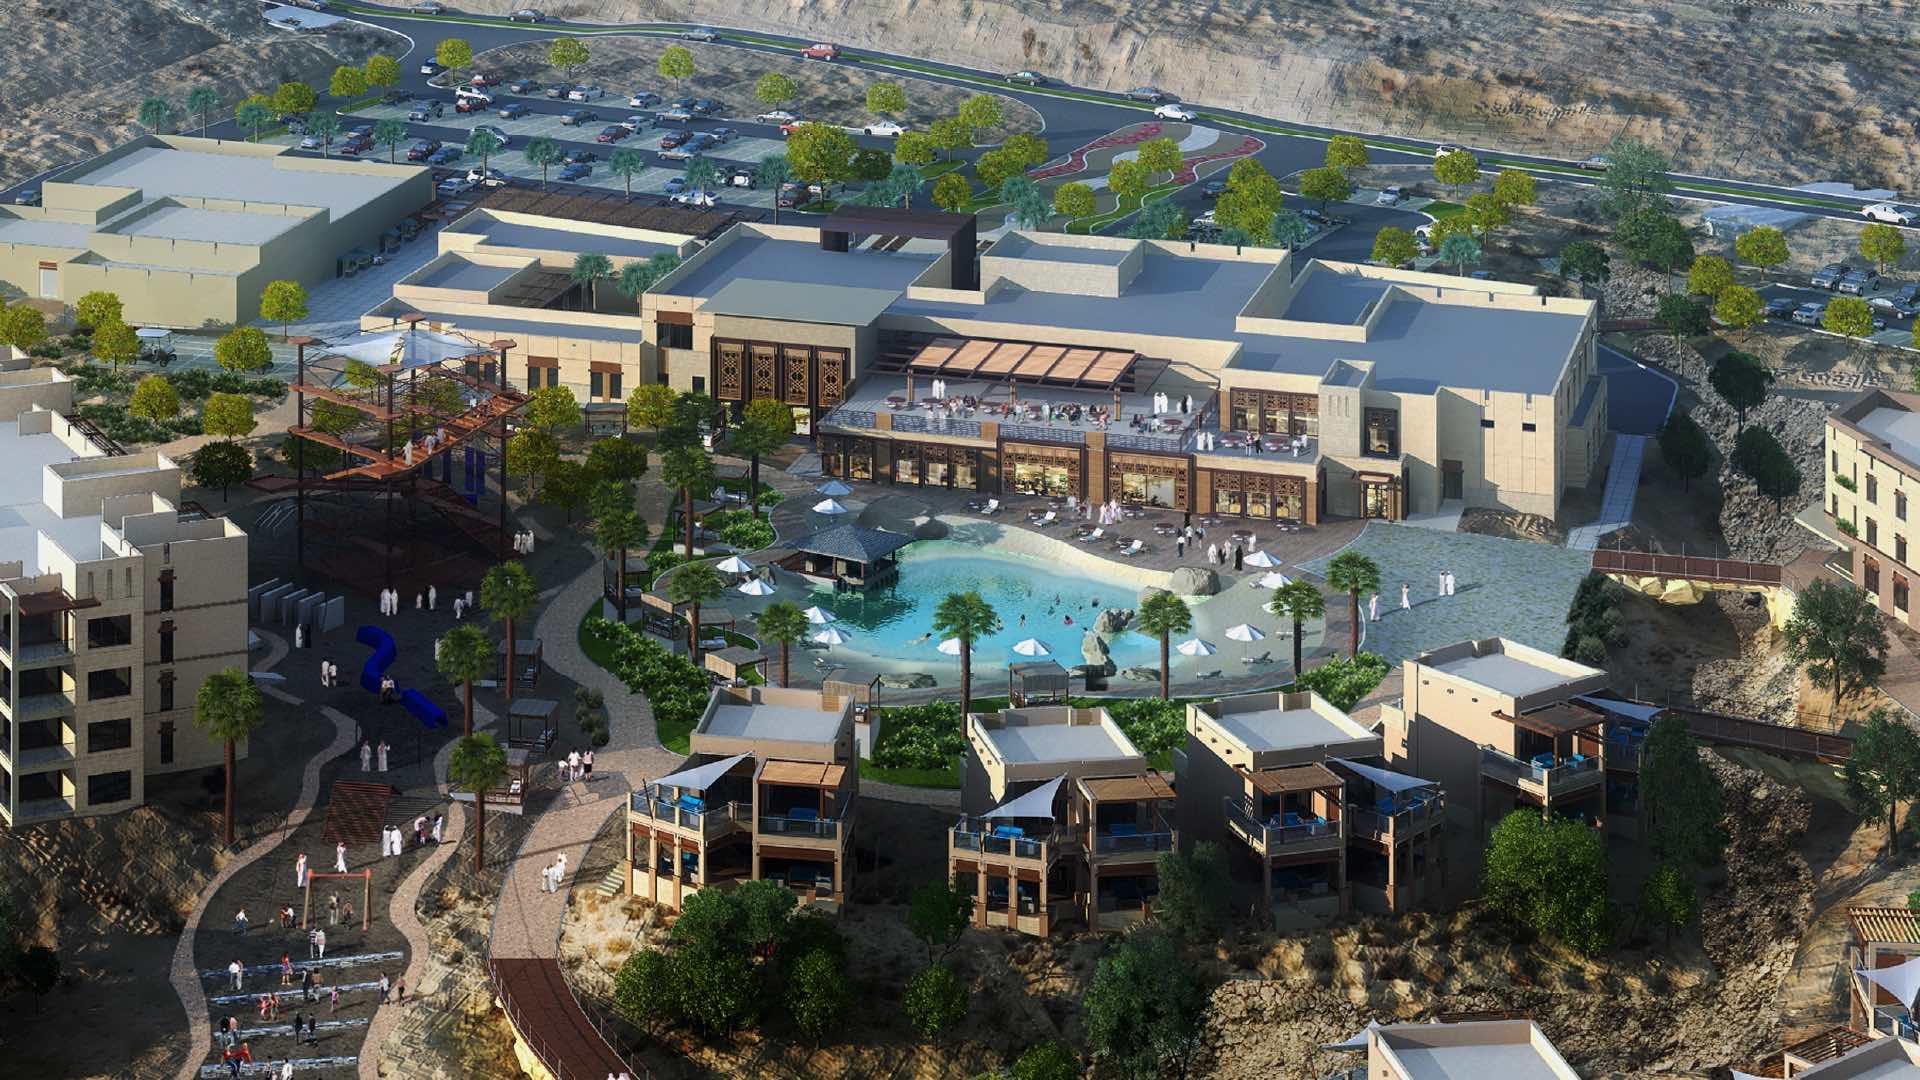 dusitD2 Naseem Resort in Jabal Akhdar